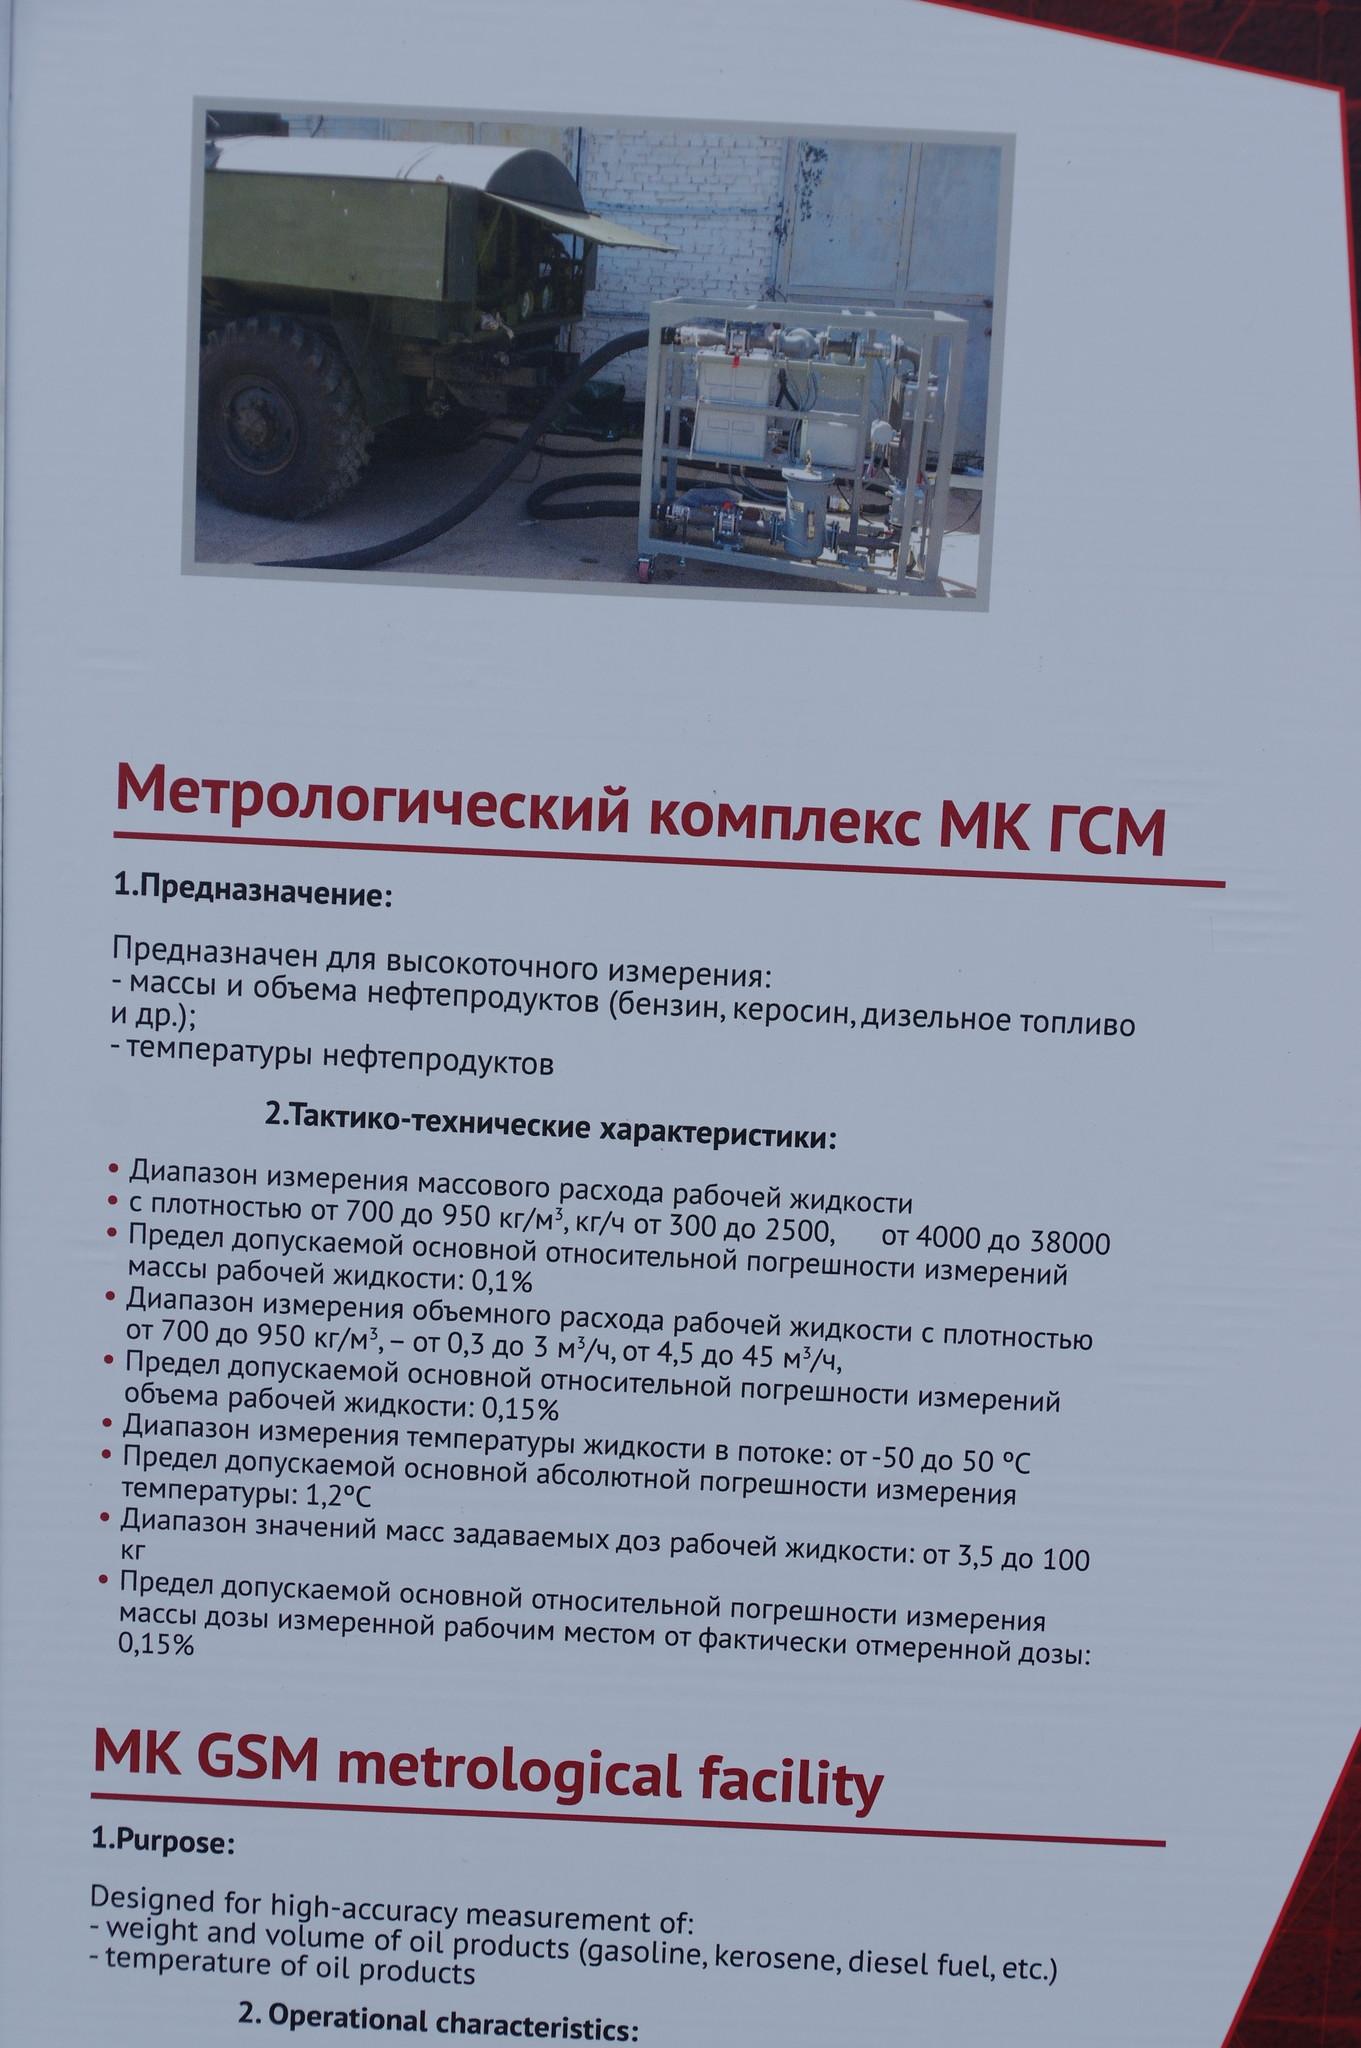 Метрологический комплекс МК ГСМ